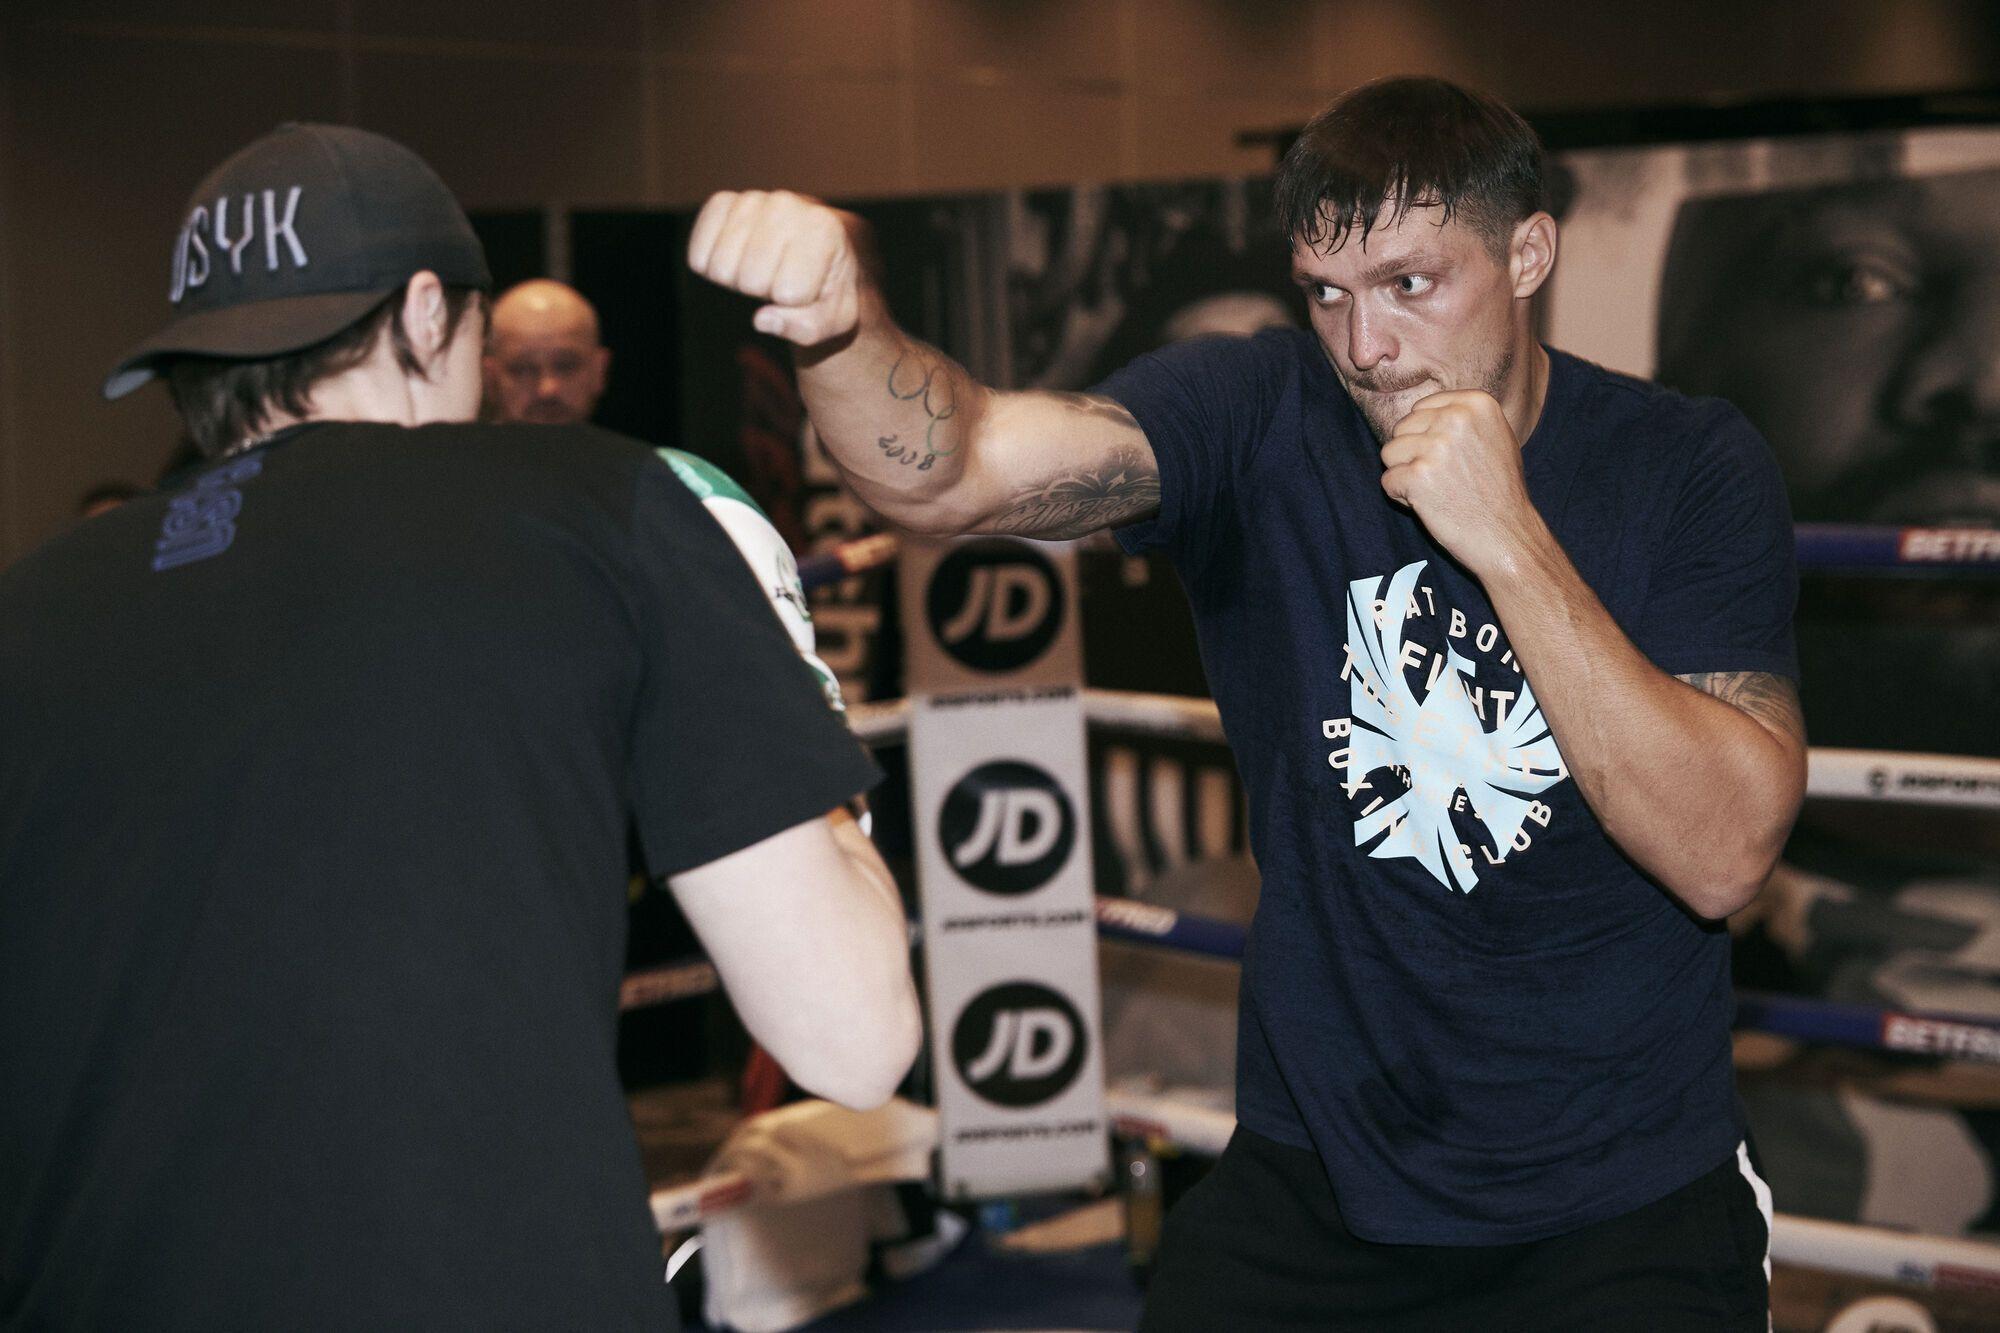 Александр Усик пообещал офигенный бой с Дереком Чисорой.